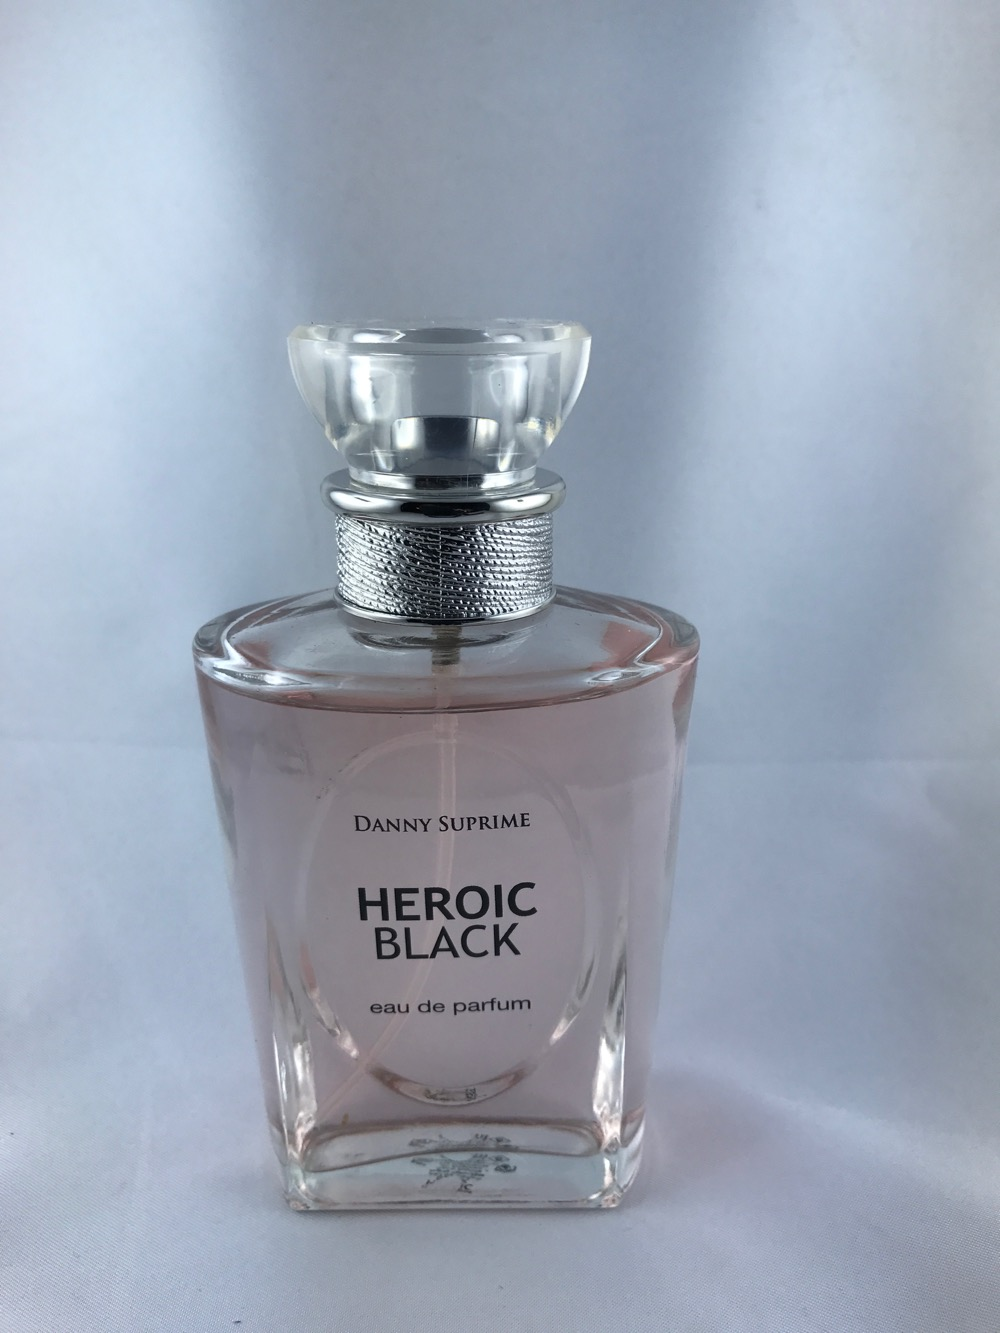 HEROIC BLACK